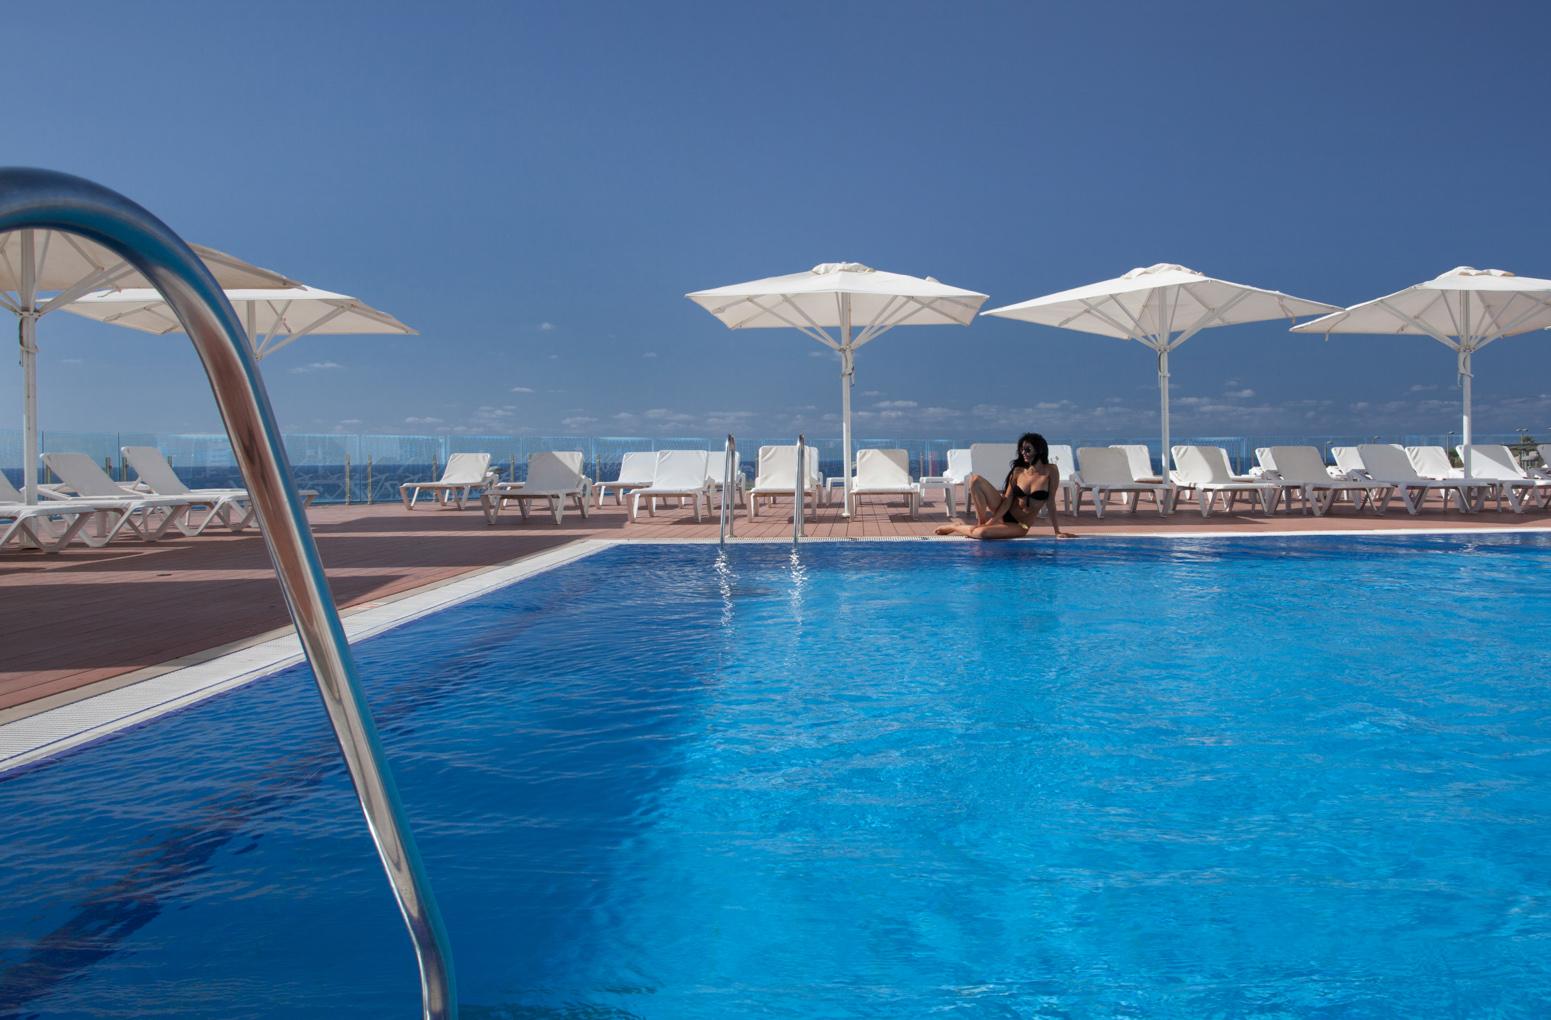 בקומה הכניסה ממתינה לכם חוויית שחייה ושיזוף בלתי נשכחת. תוכלו לגמוע את נופי קו הרקיע של הים התיכון, בעודכם טובלים בבריכת האינסוף ומשתזפים על הדק.